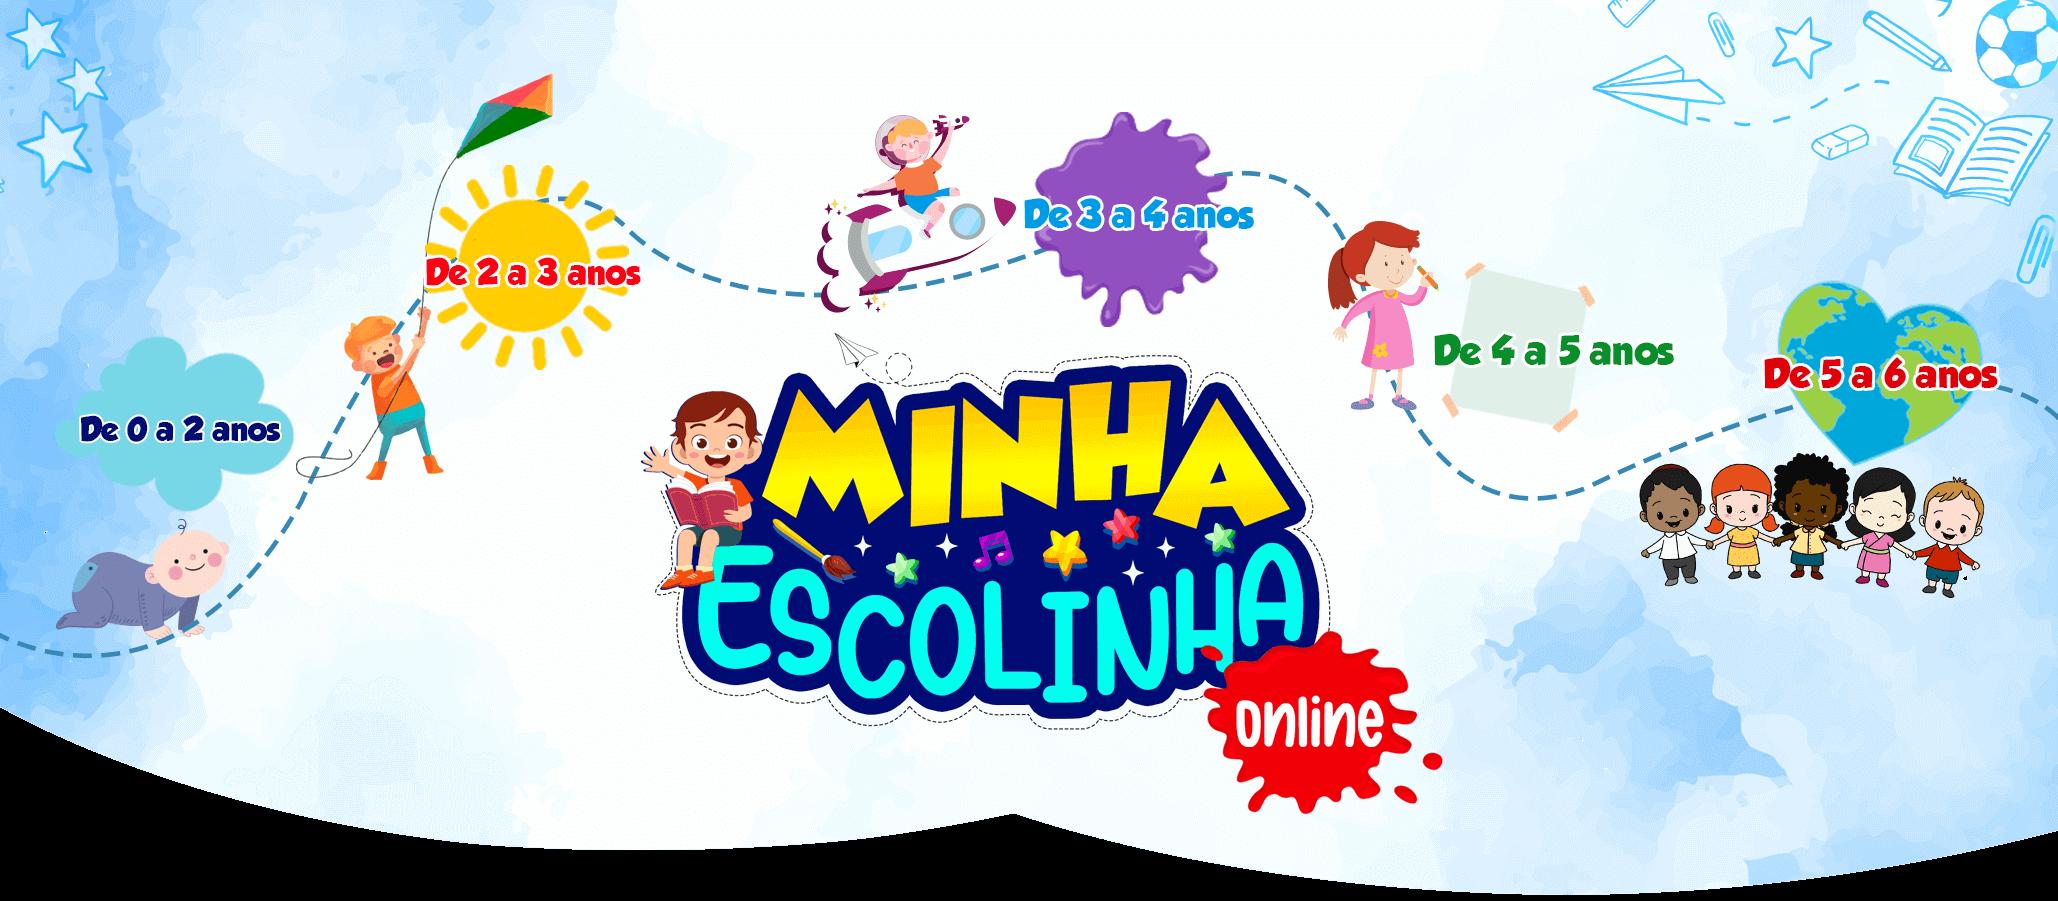 Top-Minha-Escolinha-Online